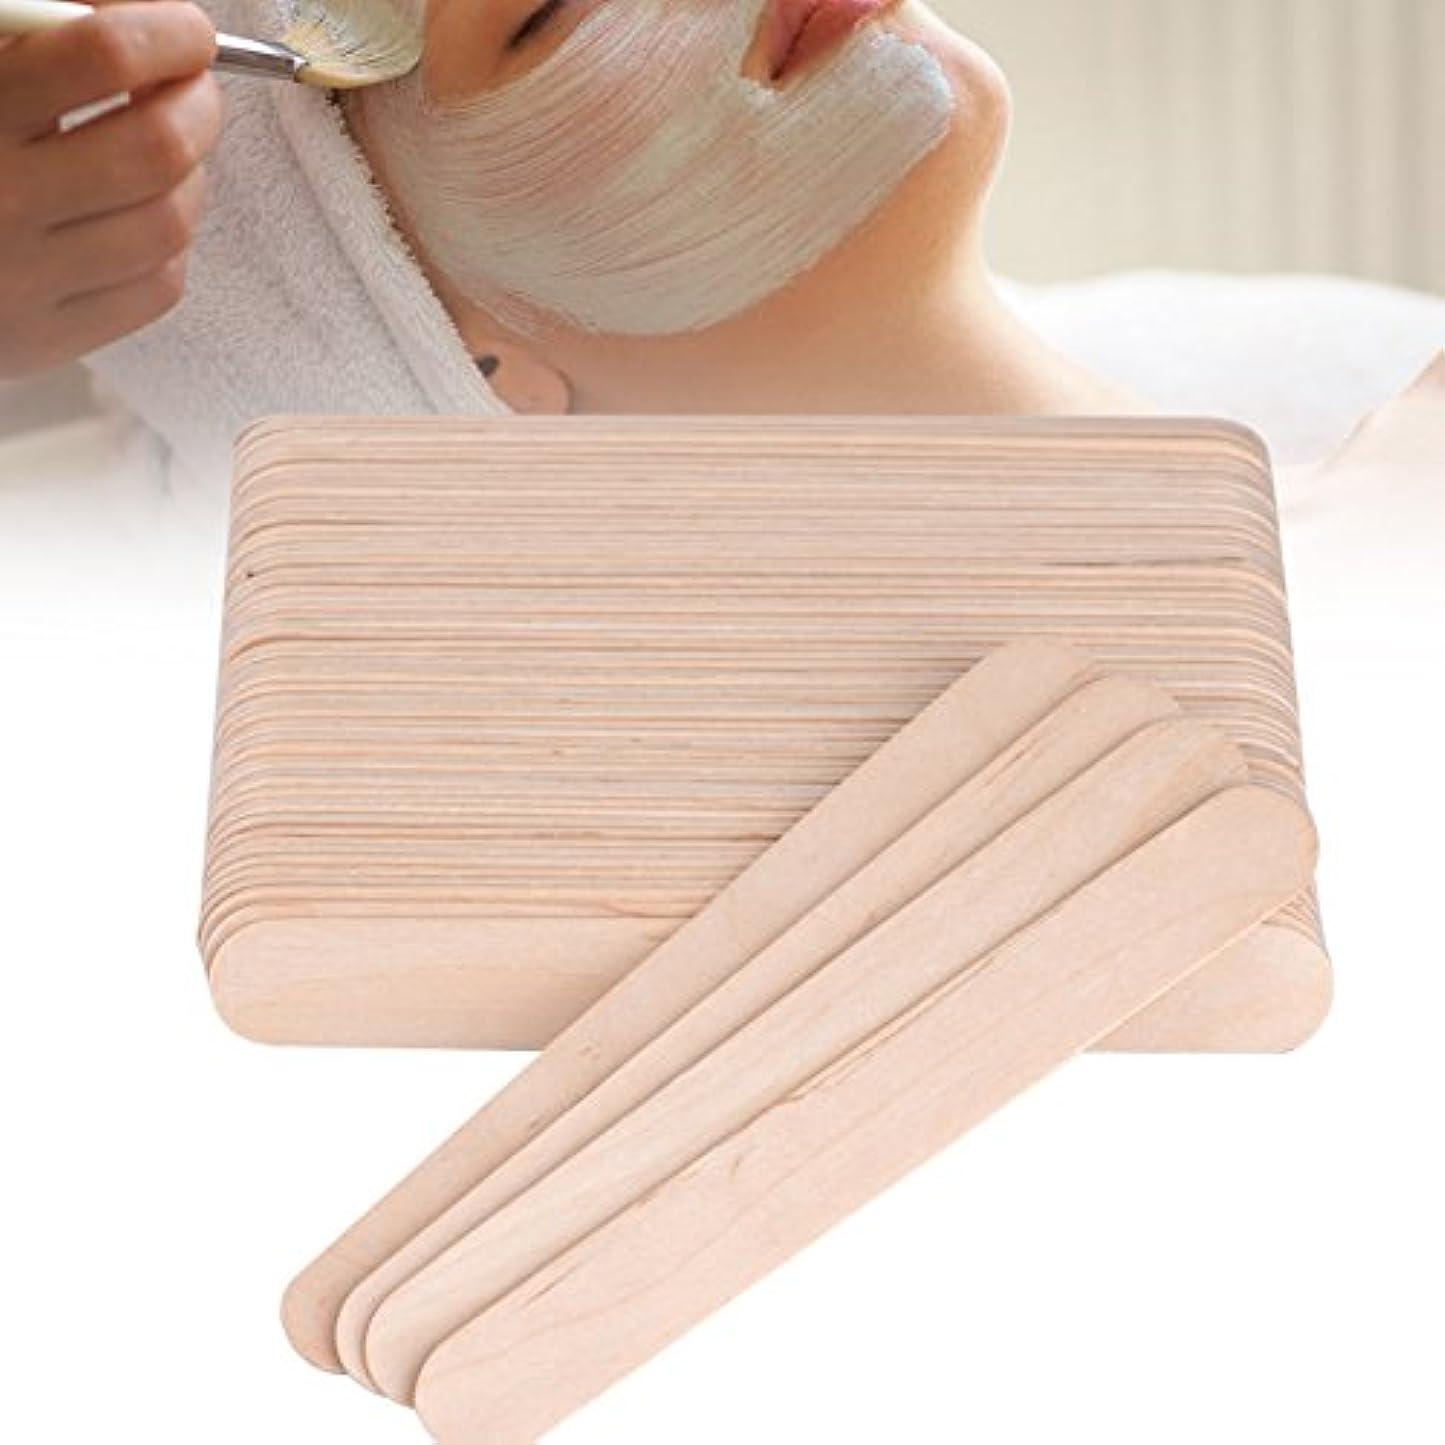 差反動うま舌圧子ワックススティックスパチュラアプリケーター木製スパチュラ使い捨て業務用木製 100PCS /バッグ